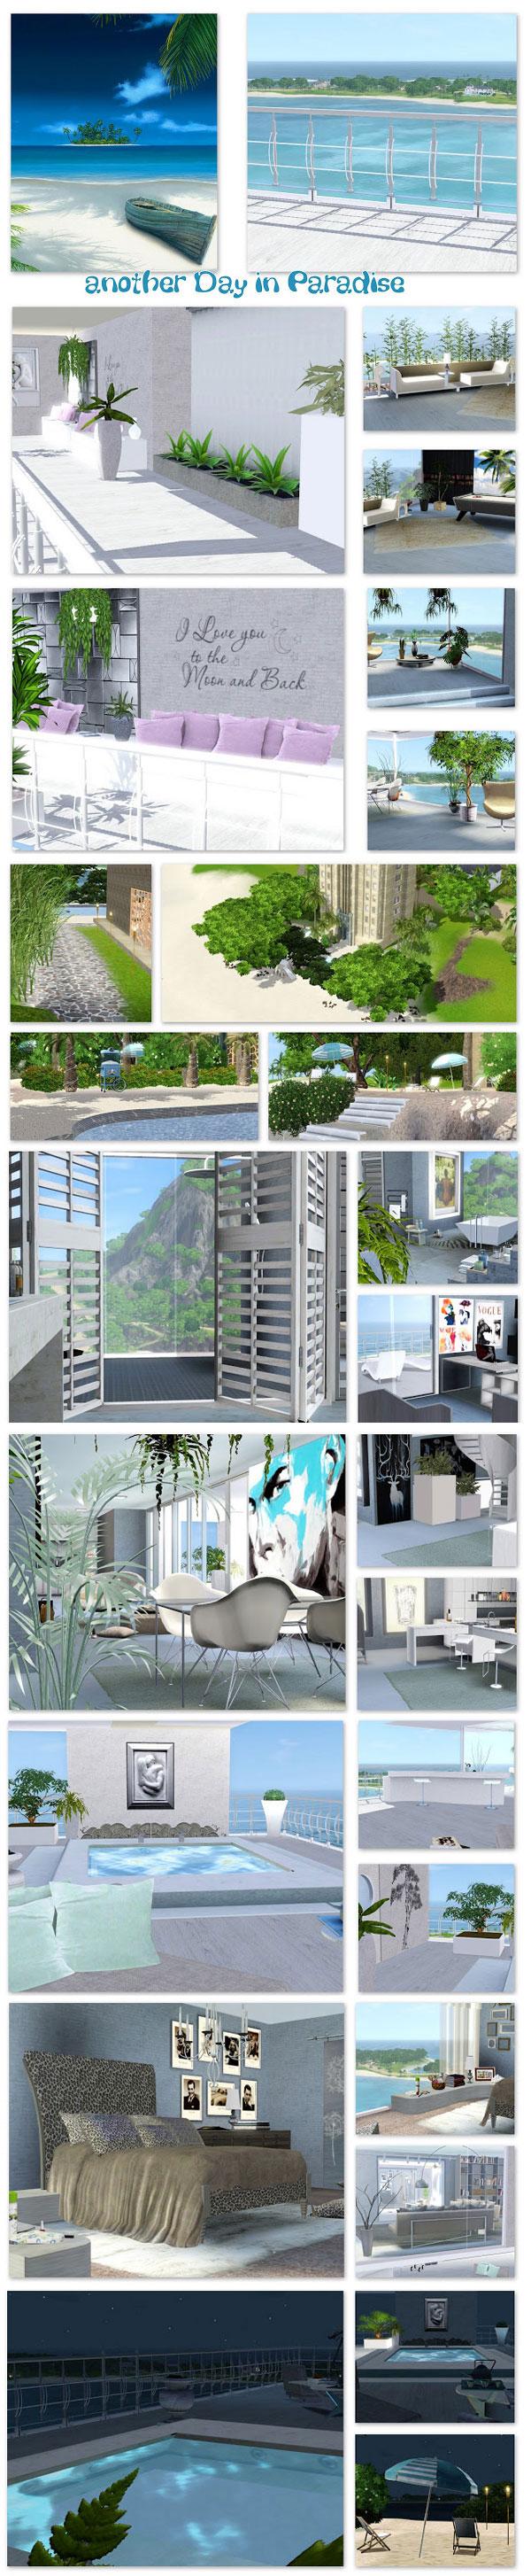 Casa paradise para los Sims 3